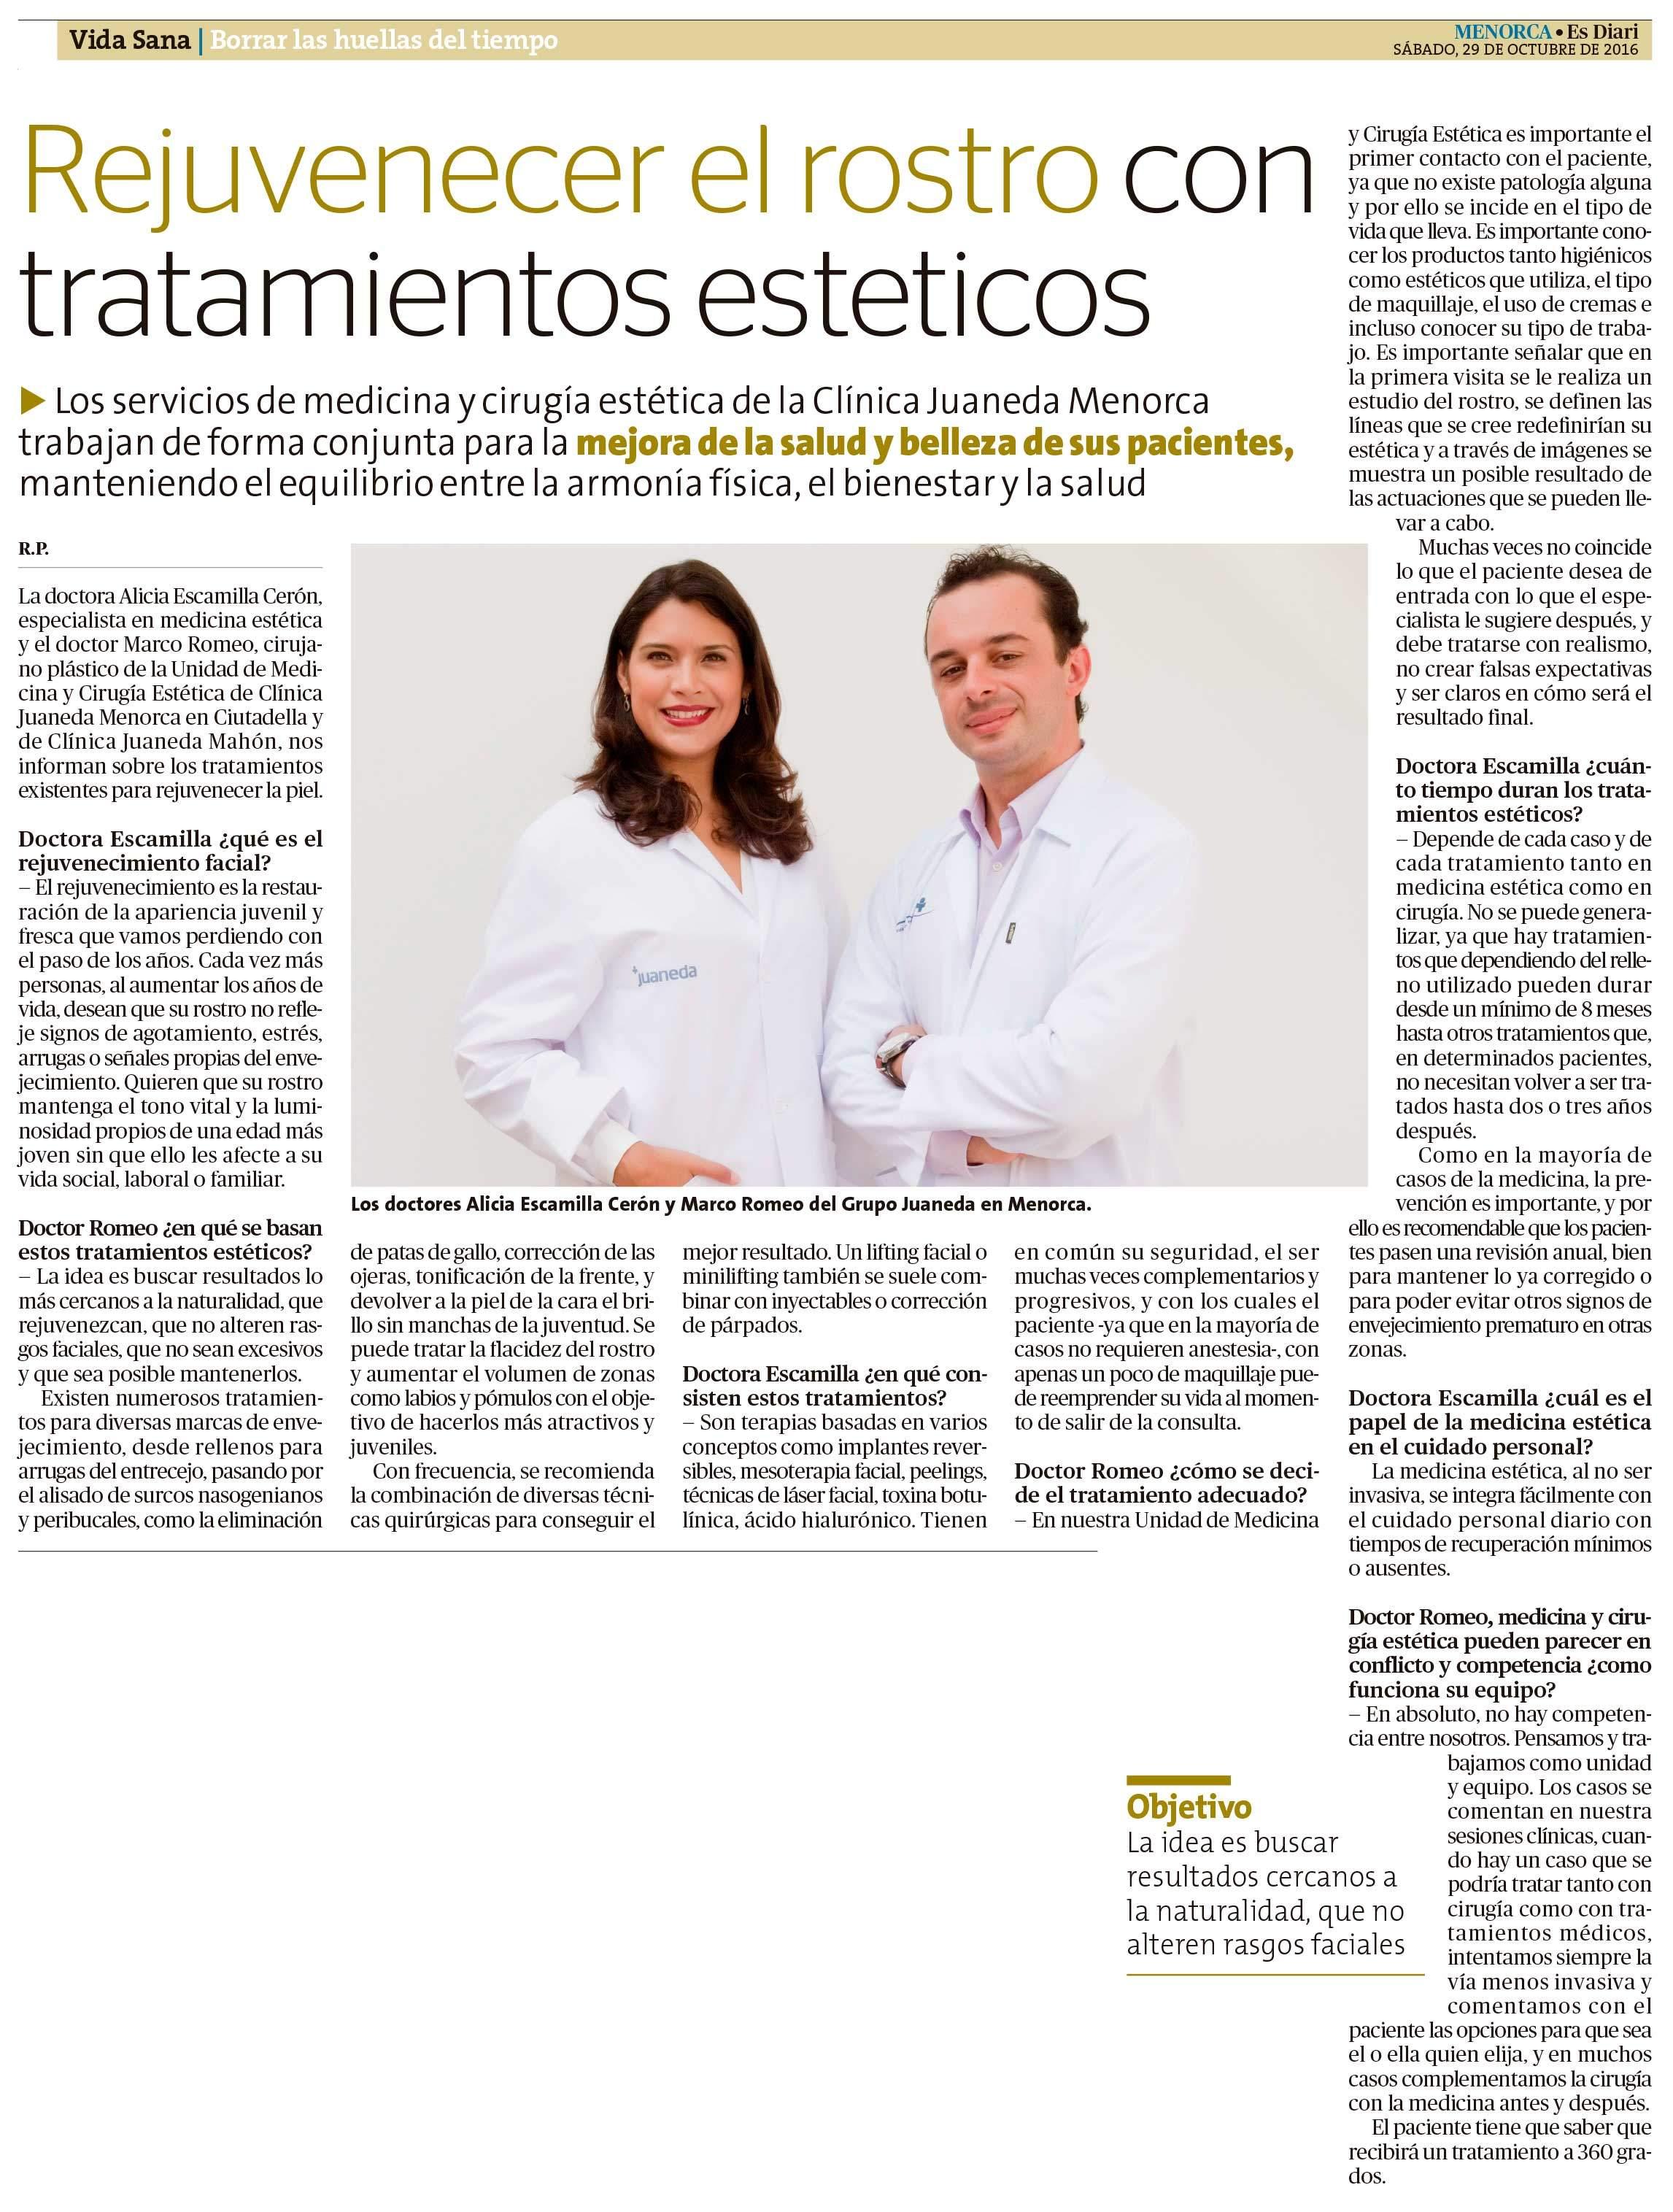 Artículo Especial en Periódico Menorca Info - Dr Marco Romeo